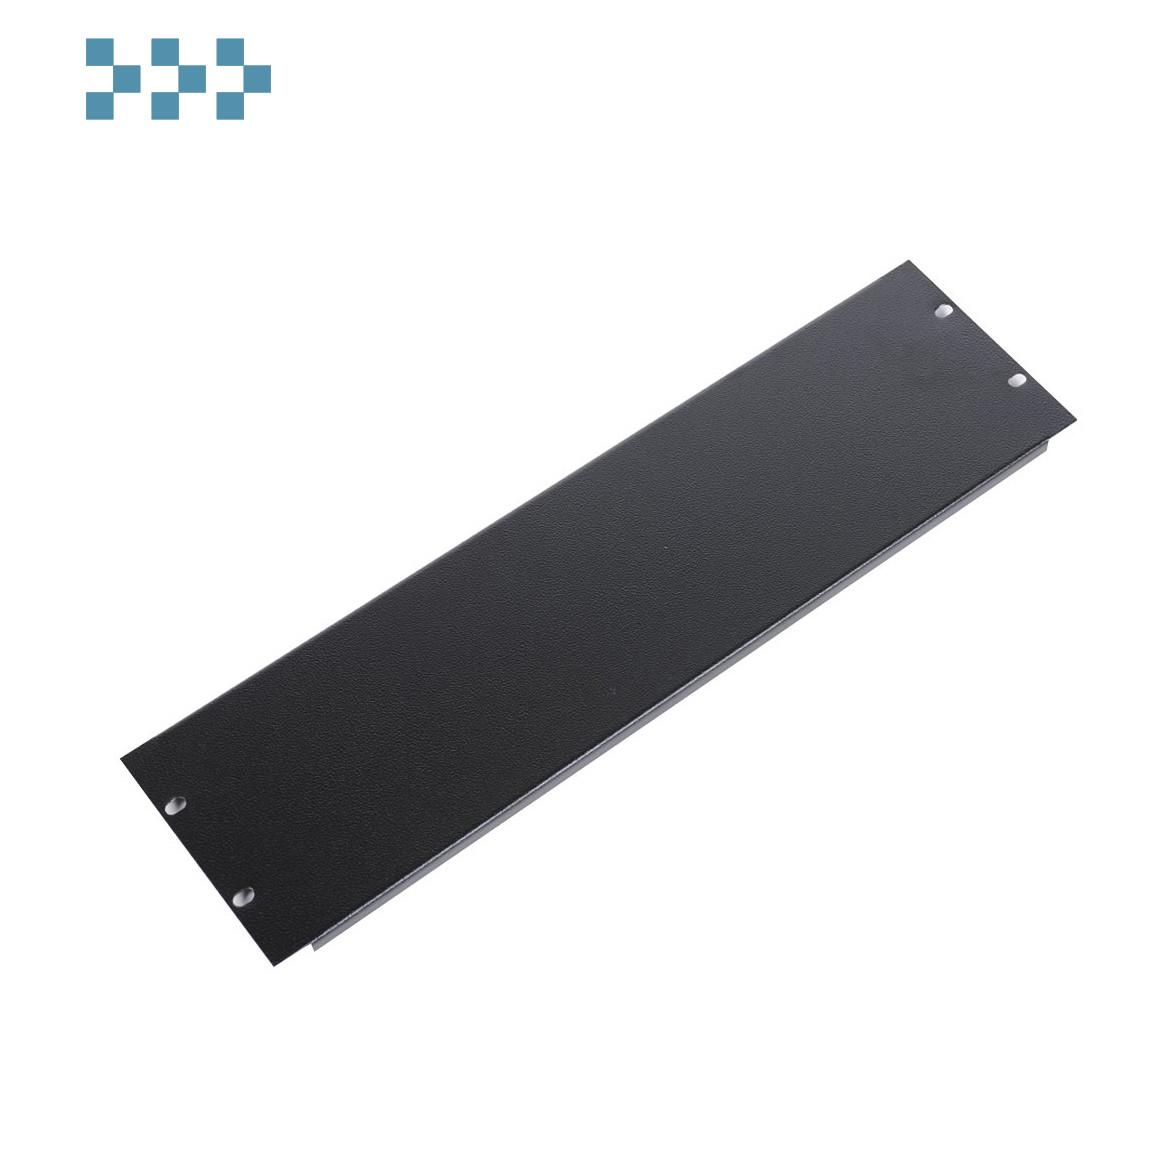 Фальшпанель ЦМО ФП-3-9005